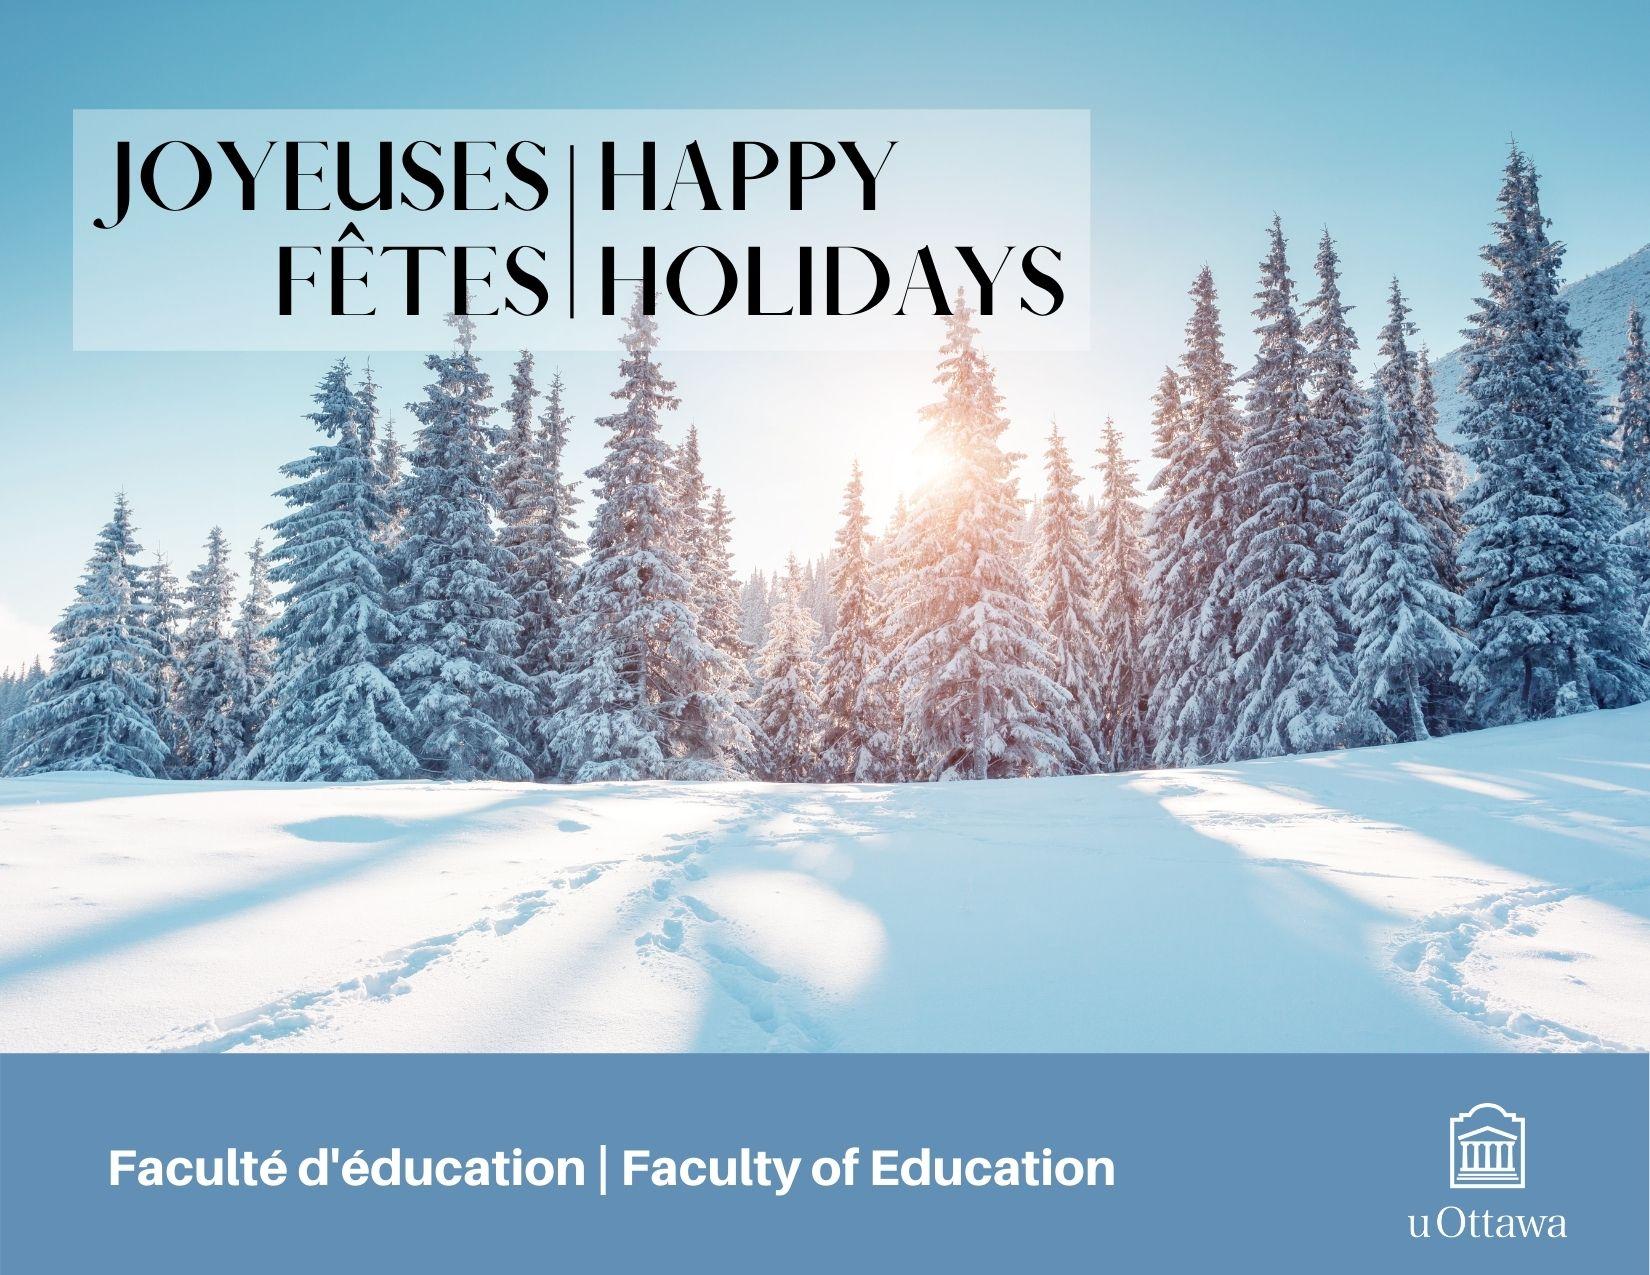 Joyeuses fêtes, arbres couverts de neige et soleil